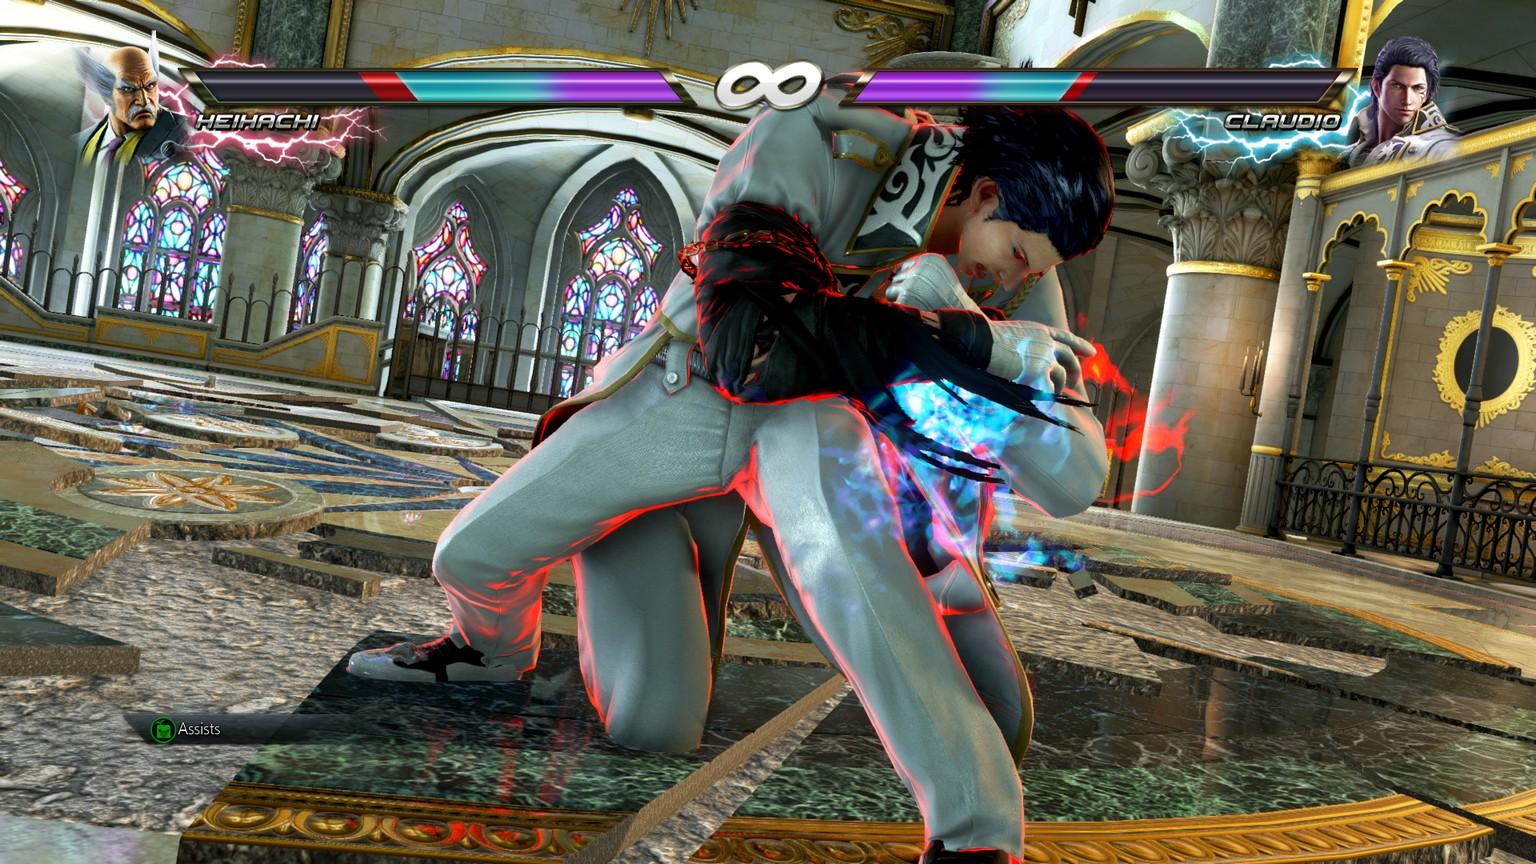 סקירה מקצועית - WiseBuy - משחק מחשב Tekken 7 Ultimate Edition